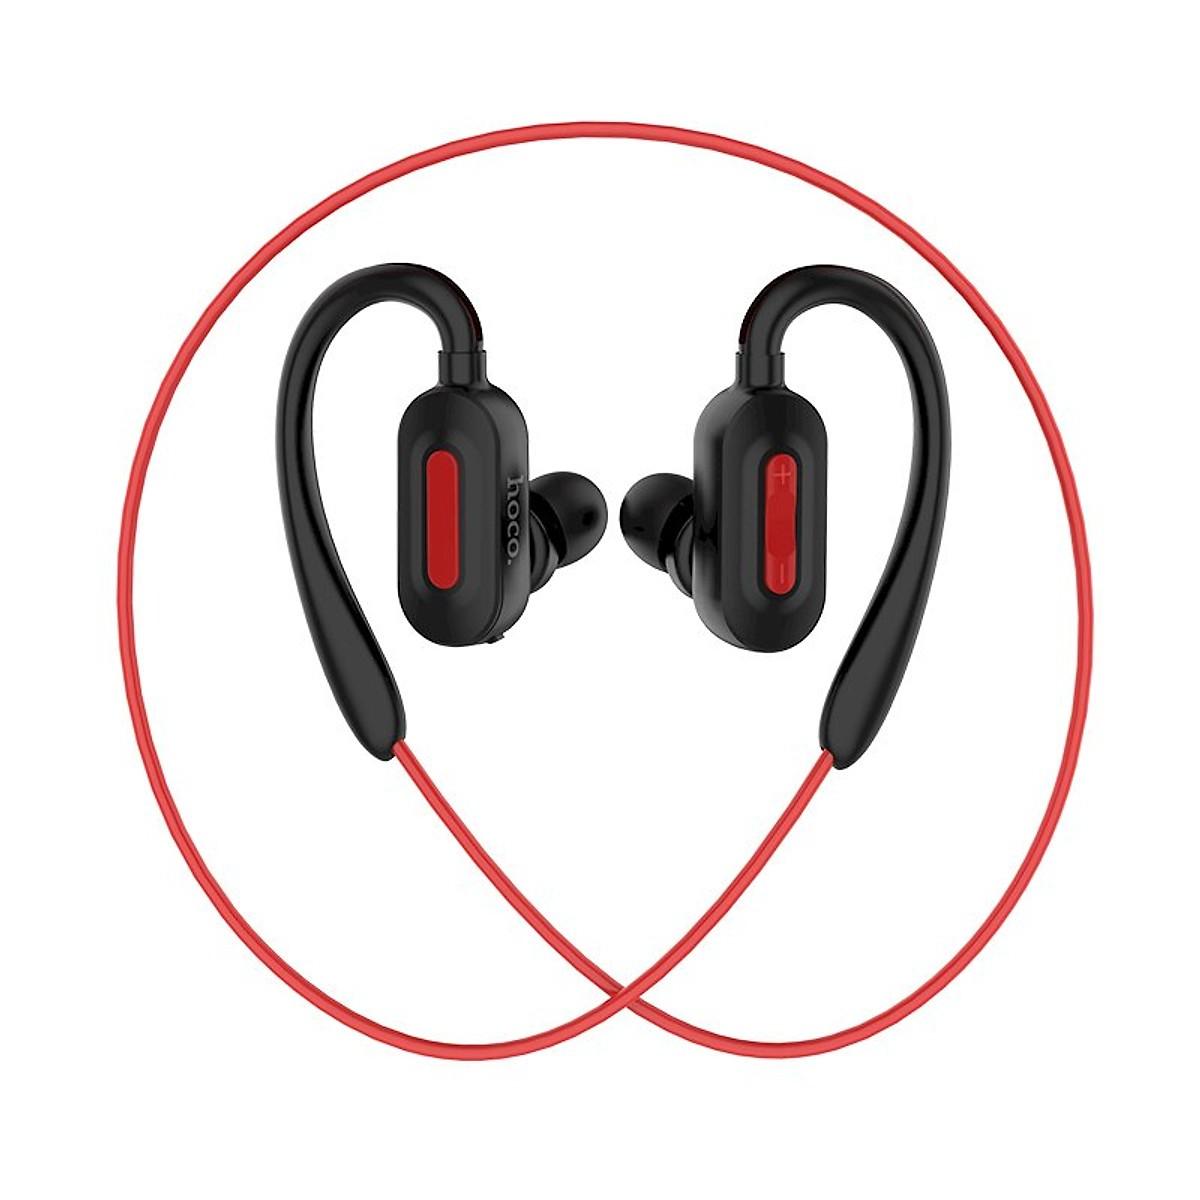 Tai Nghe Thể Thao Hoco ES16 - Bluetooth - Hàng Chính Hãng